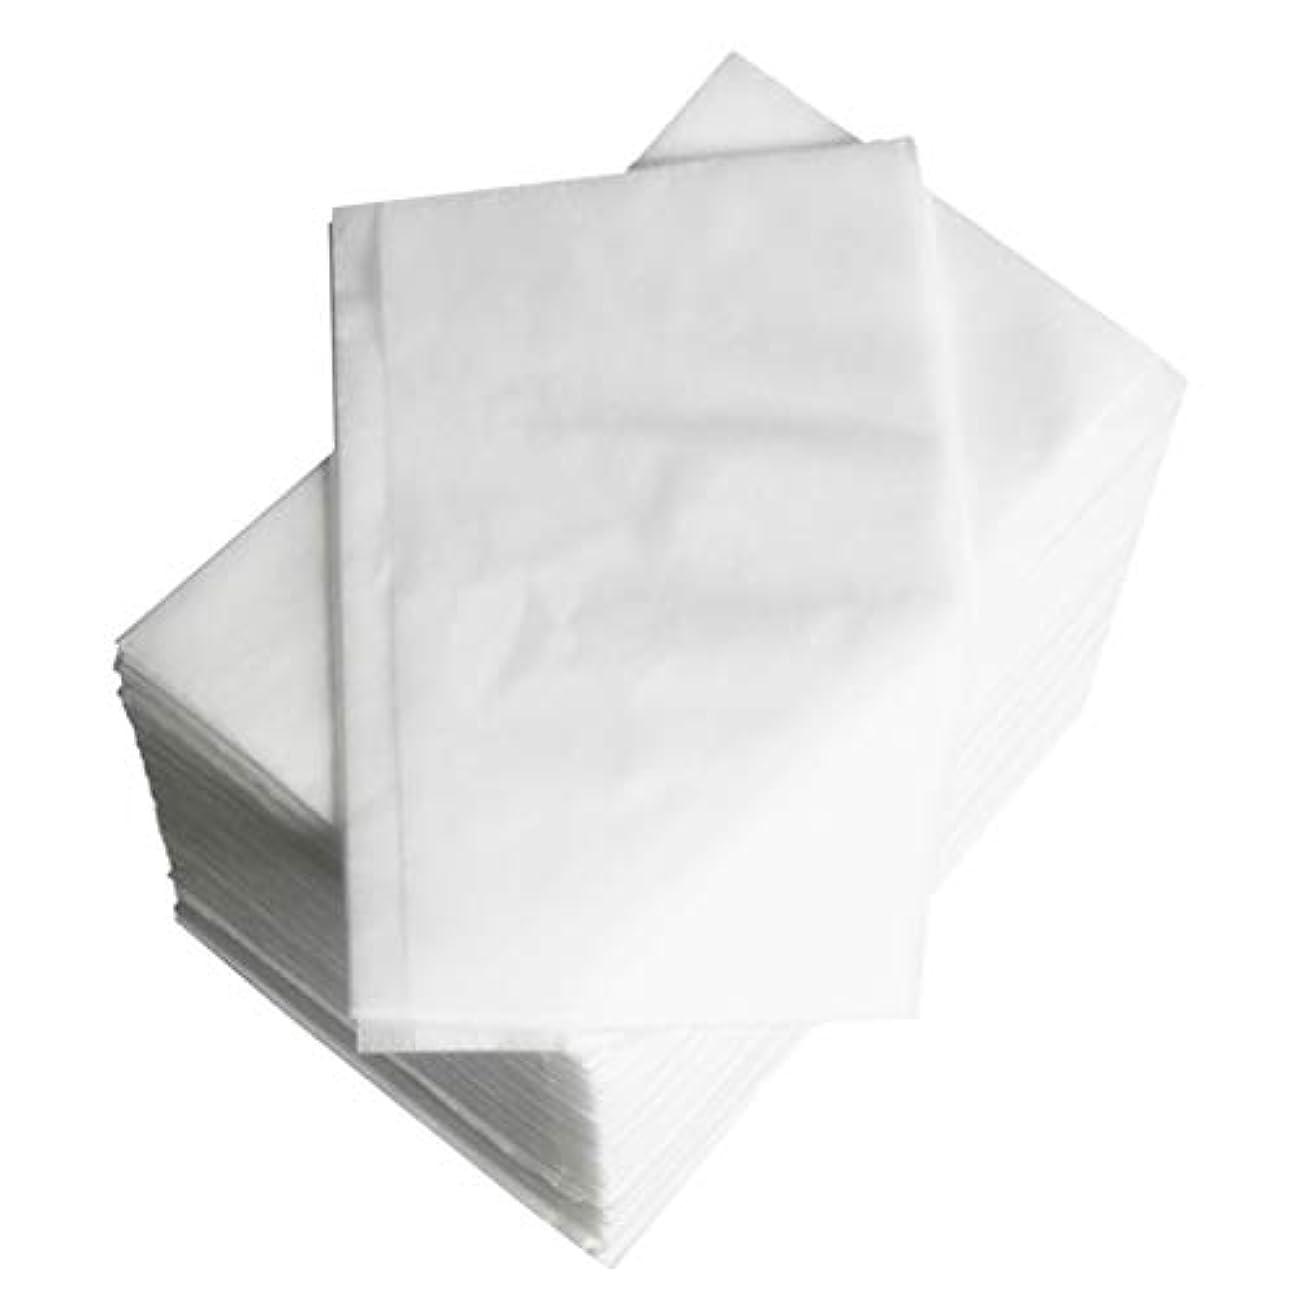 噴火参加者季節約100個 使い捨て マッサージ テーブルシーツベッドカバー 80×180cm 不織布 ブルー - 白